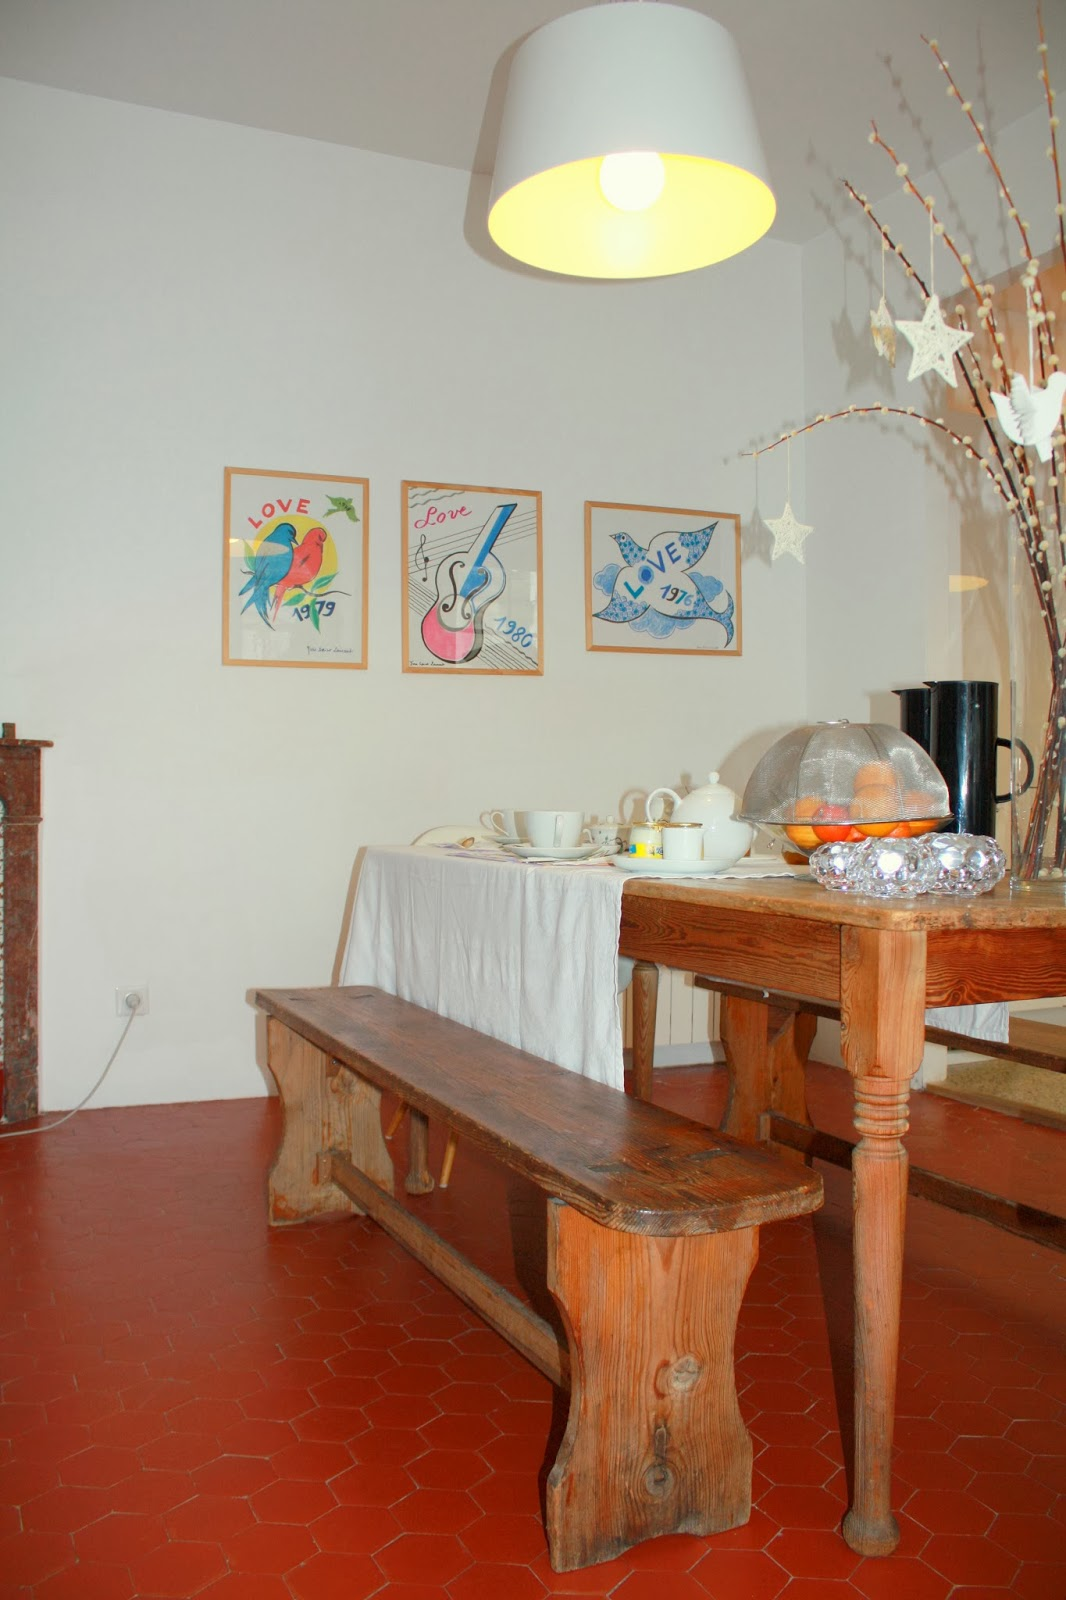 Caro inspiration la maison boussingault chambre d 39 h tes de charme en avignon - Chambre d hote a avignon ...